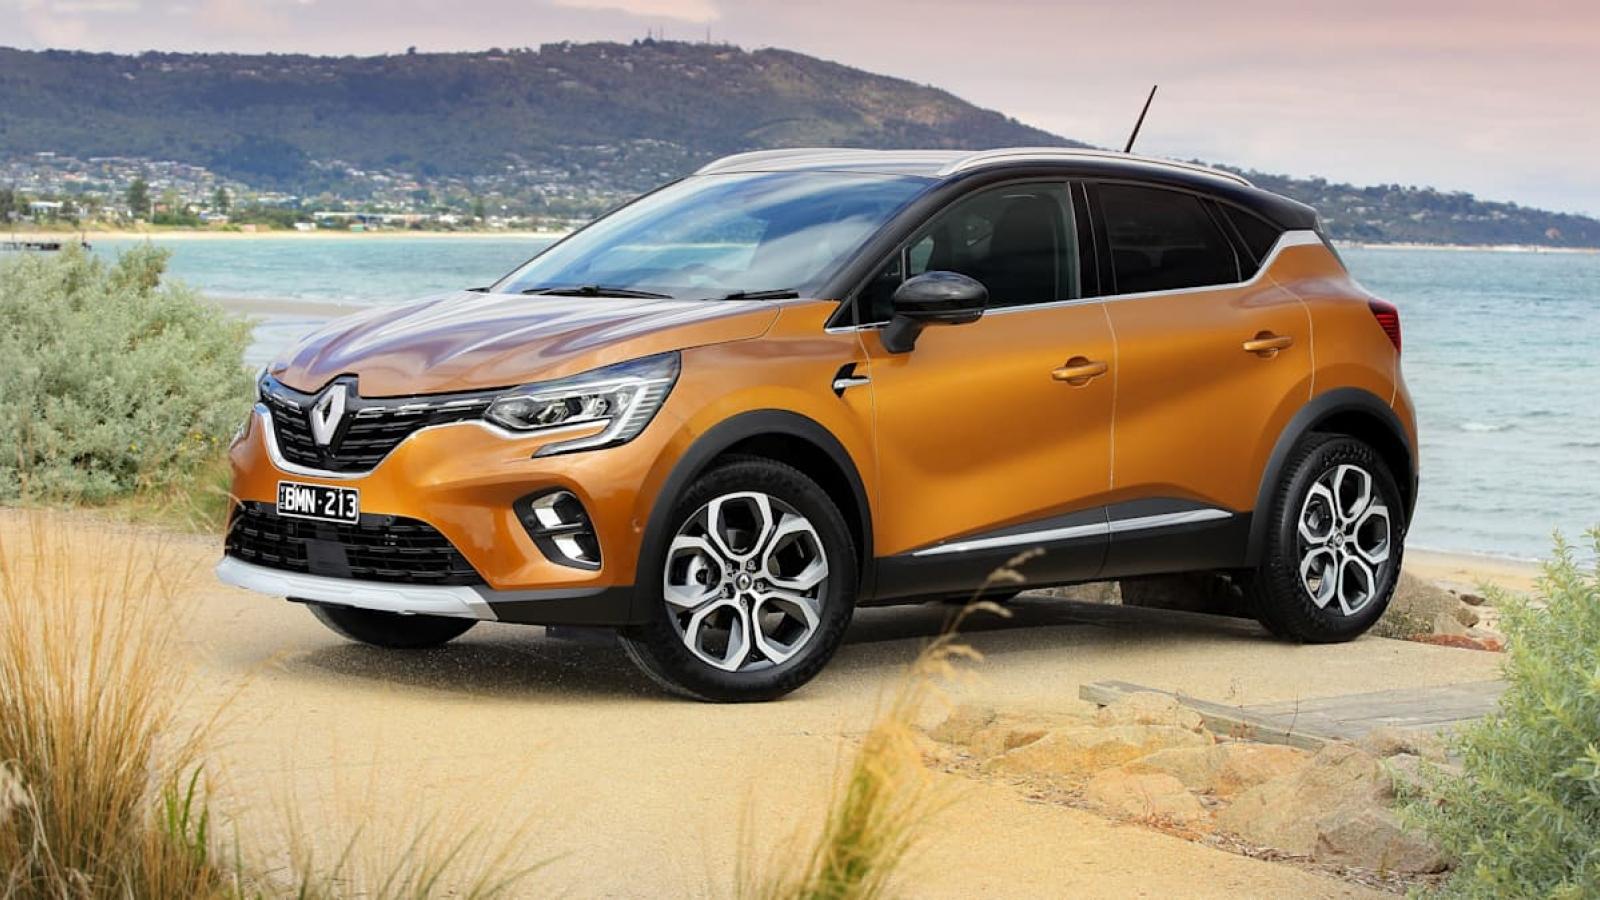 """Hãng ô tô Pháp - Renault """"tháo chạy"""" khỏi thị trường Việt Nam"""